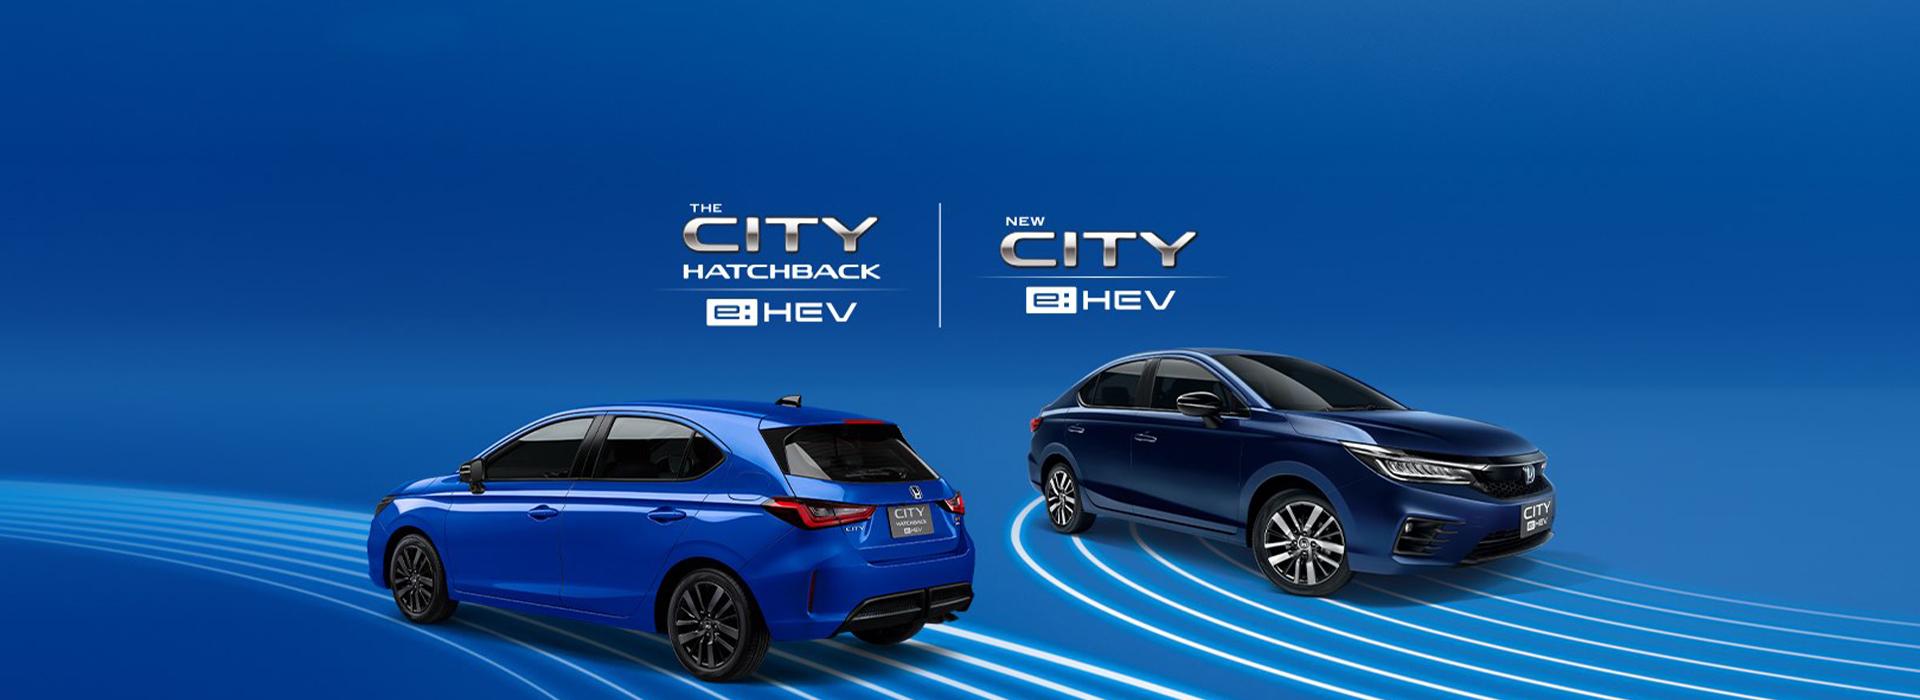 city hatchback e-hev